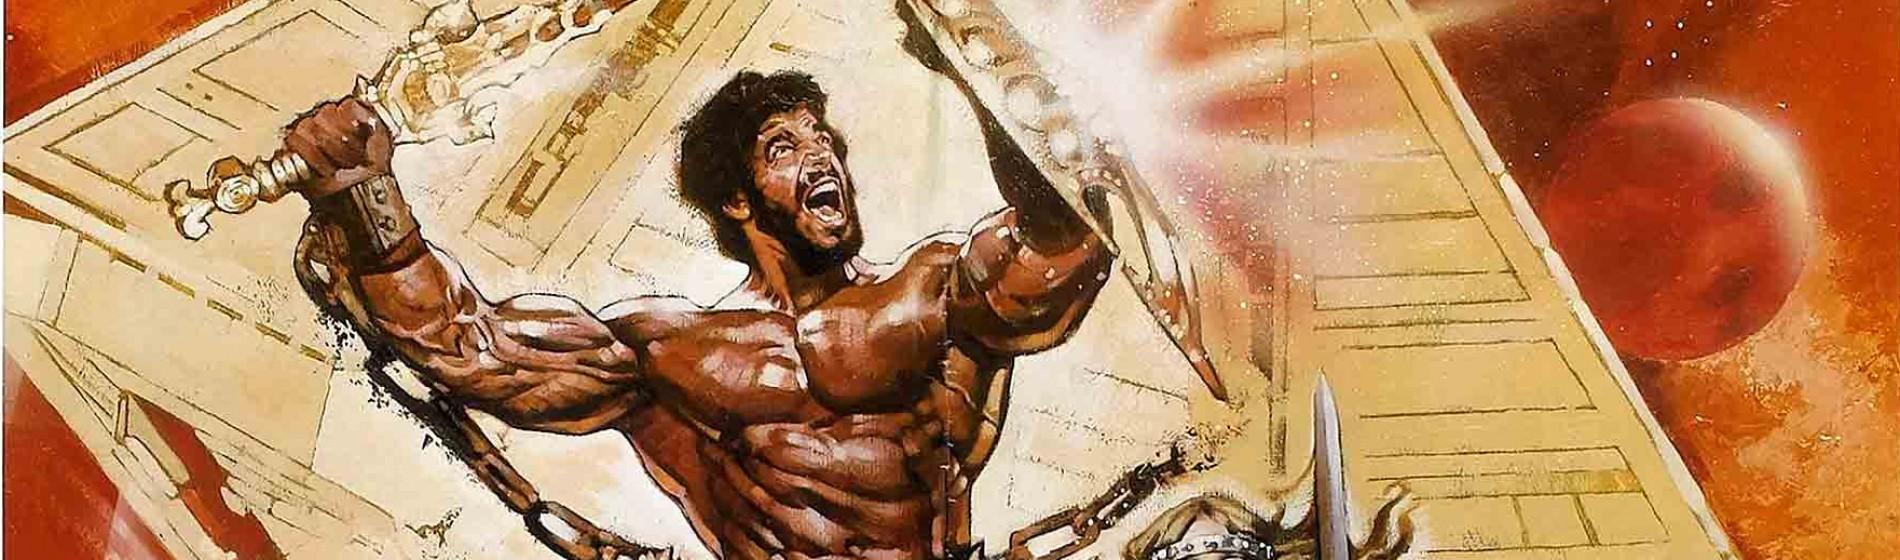 Hercules (1983) Poster